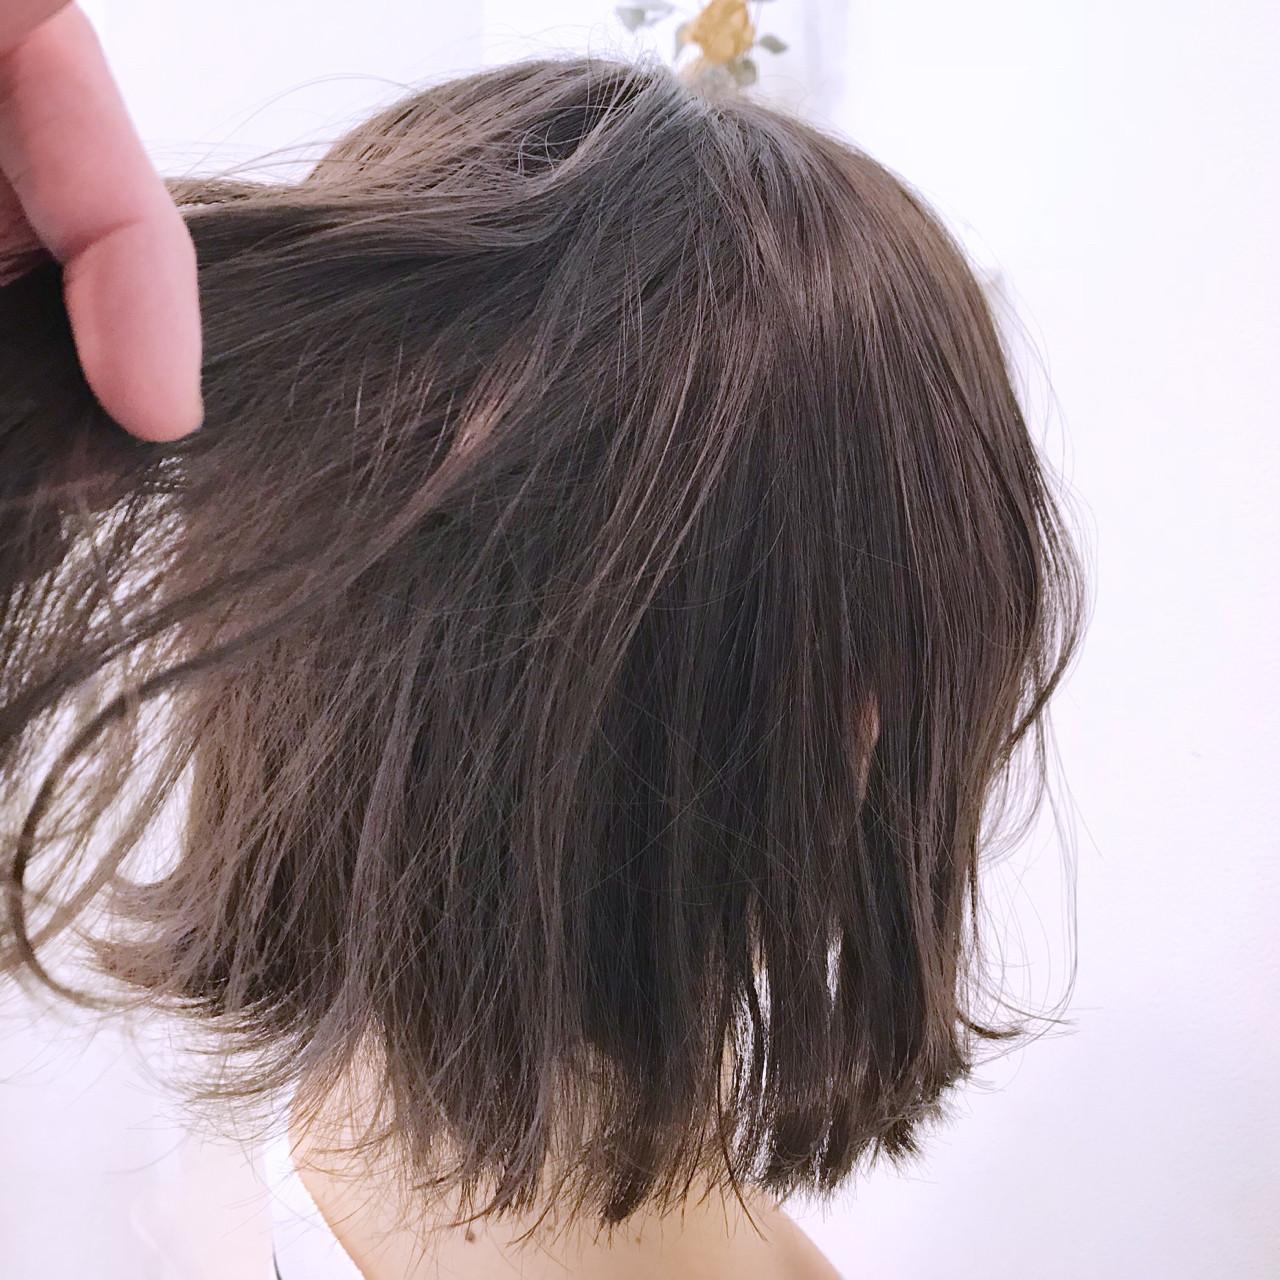 アンニュイ バレンタイン パープル ゆるふわ ヘアスタイルや髪型の写真・画像